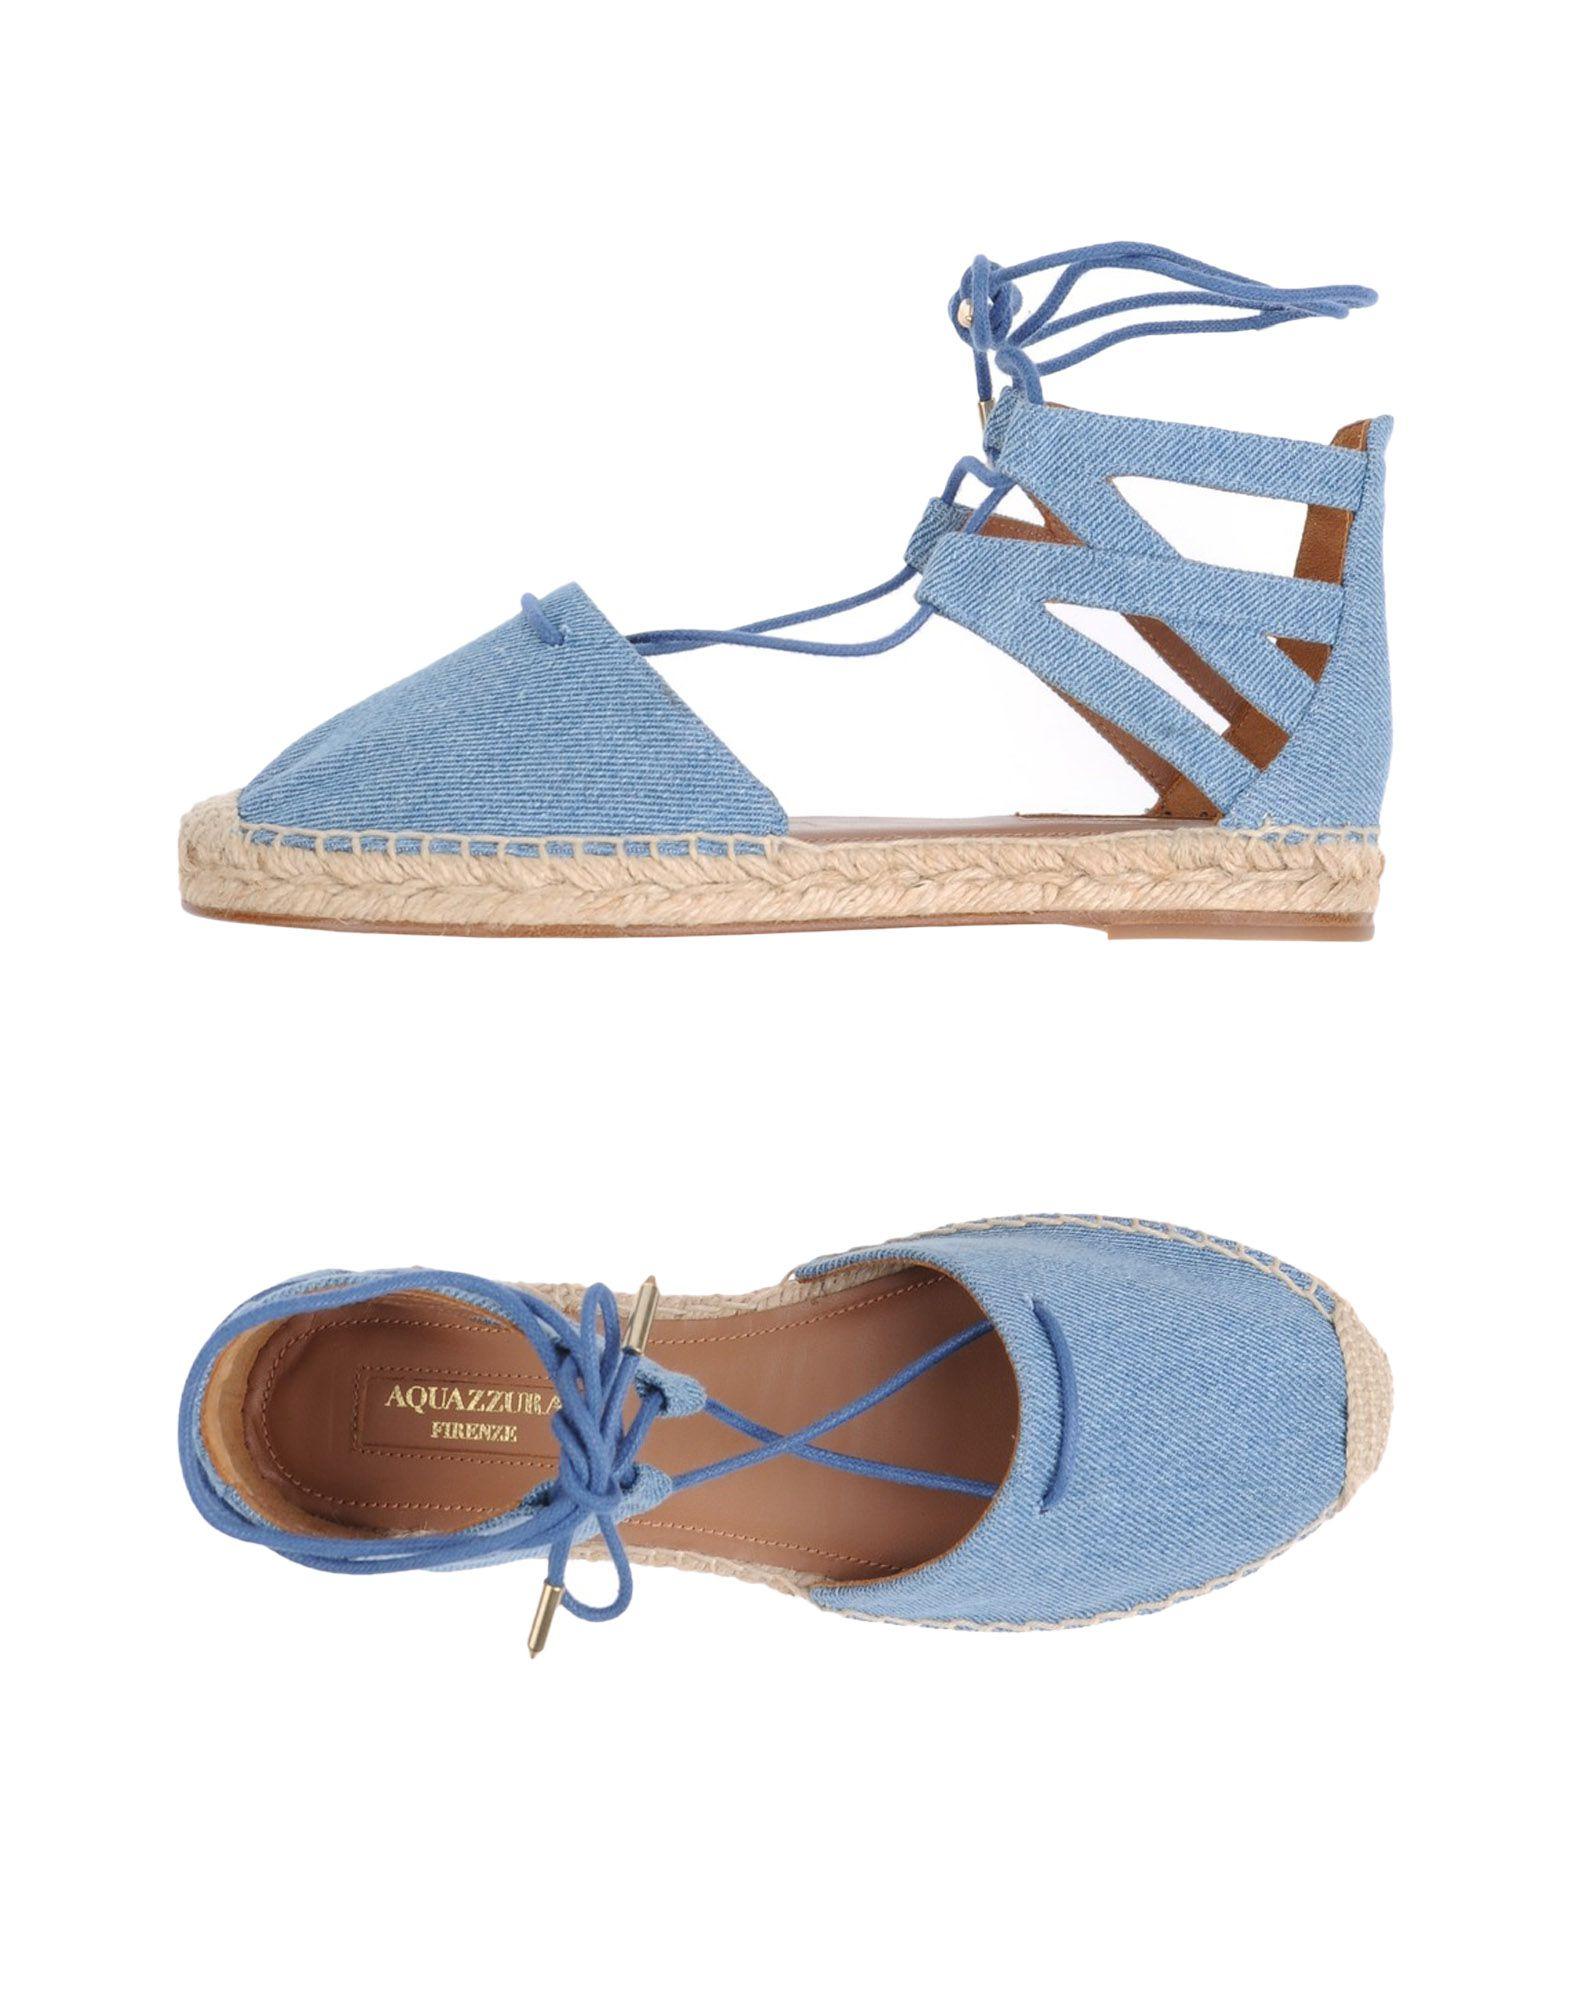 Rabatt Schuhe Aquazzura Espadrilles Damen  11290300HR